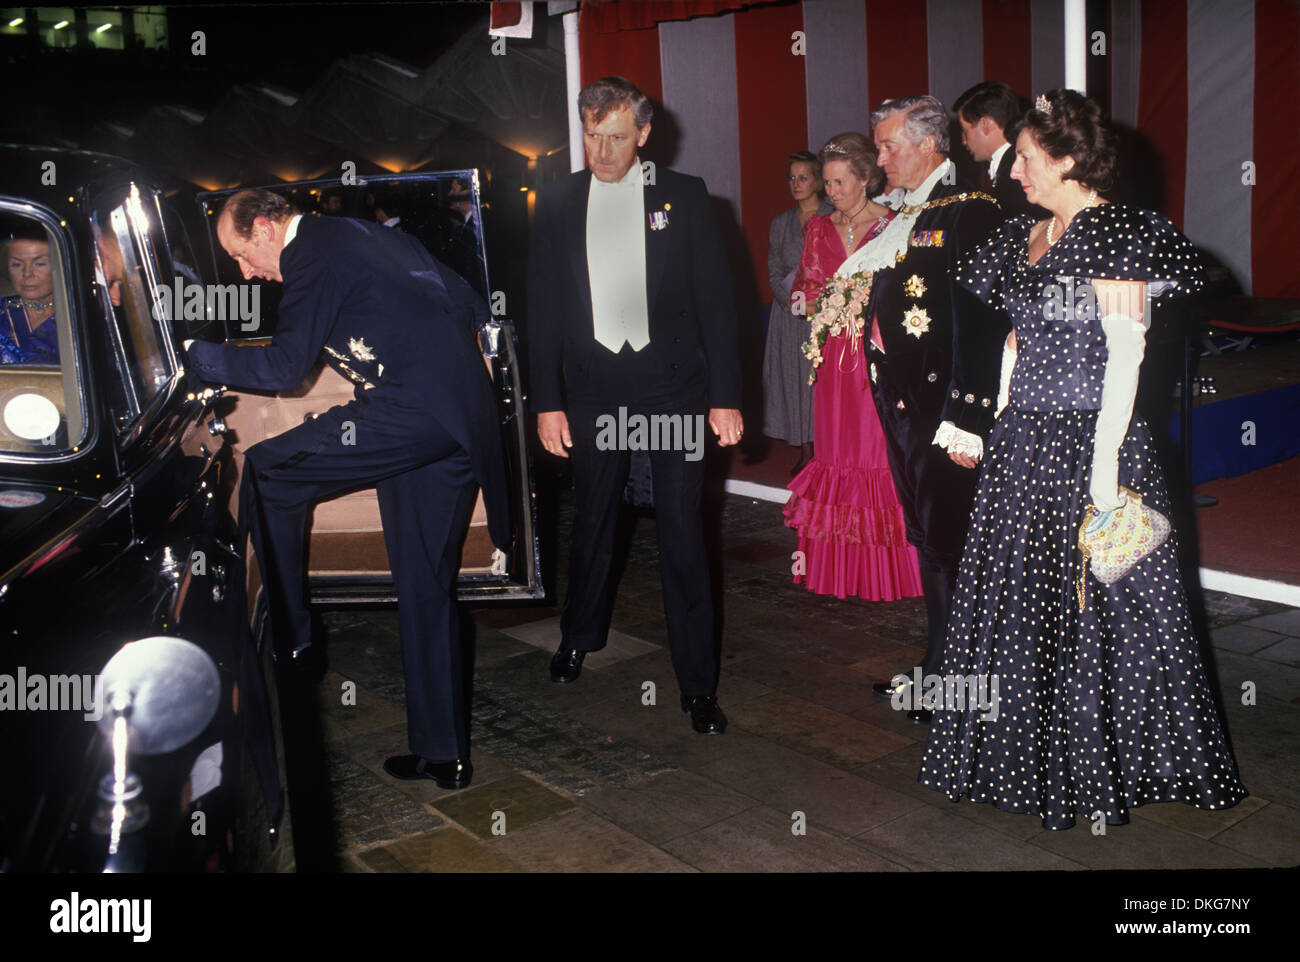 El duque y la duquesa de Kent, dejando al señor alcalde de London Guildhall recepción 1990 el señor alcalde Sir Alexander Graham y la señora alcaldesa Carolyn Graham London UK HOMER SYKES Imagen De Stock